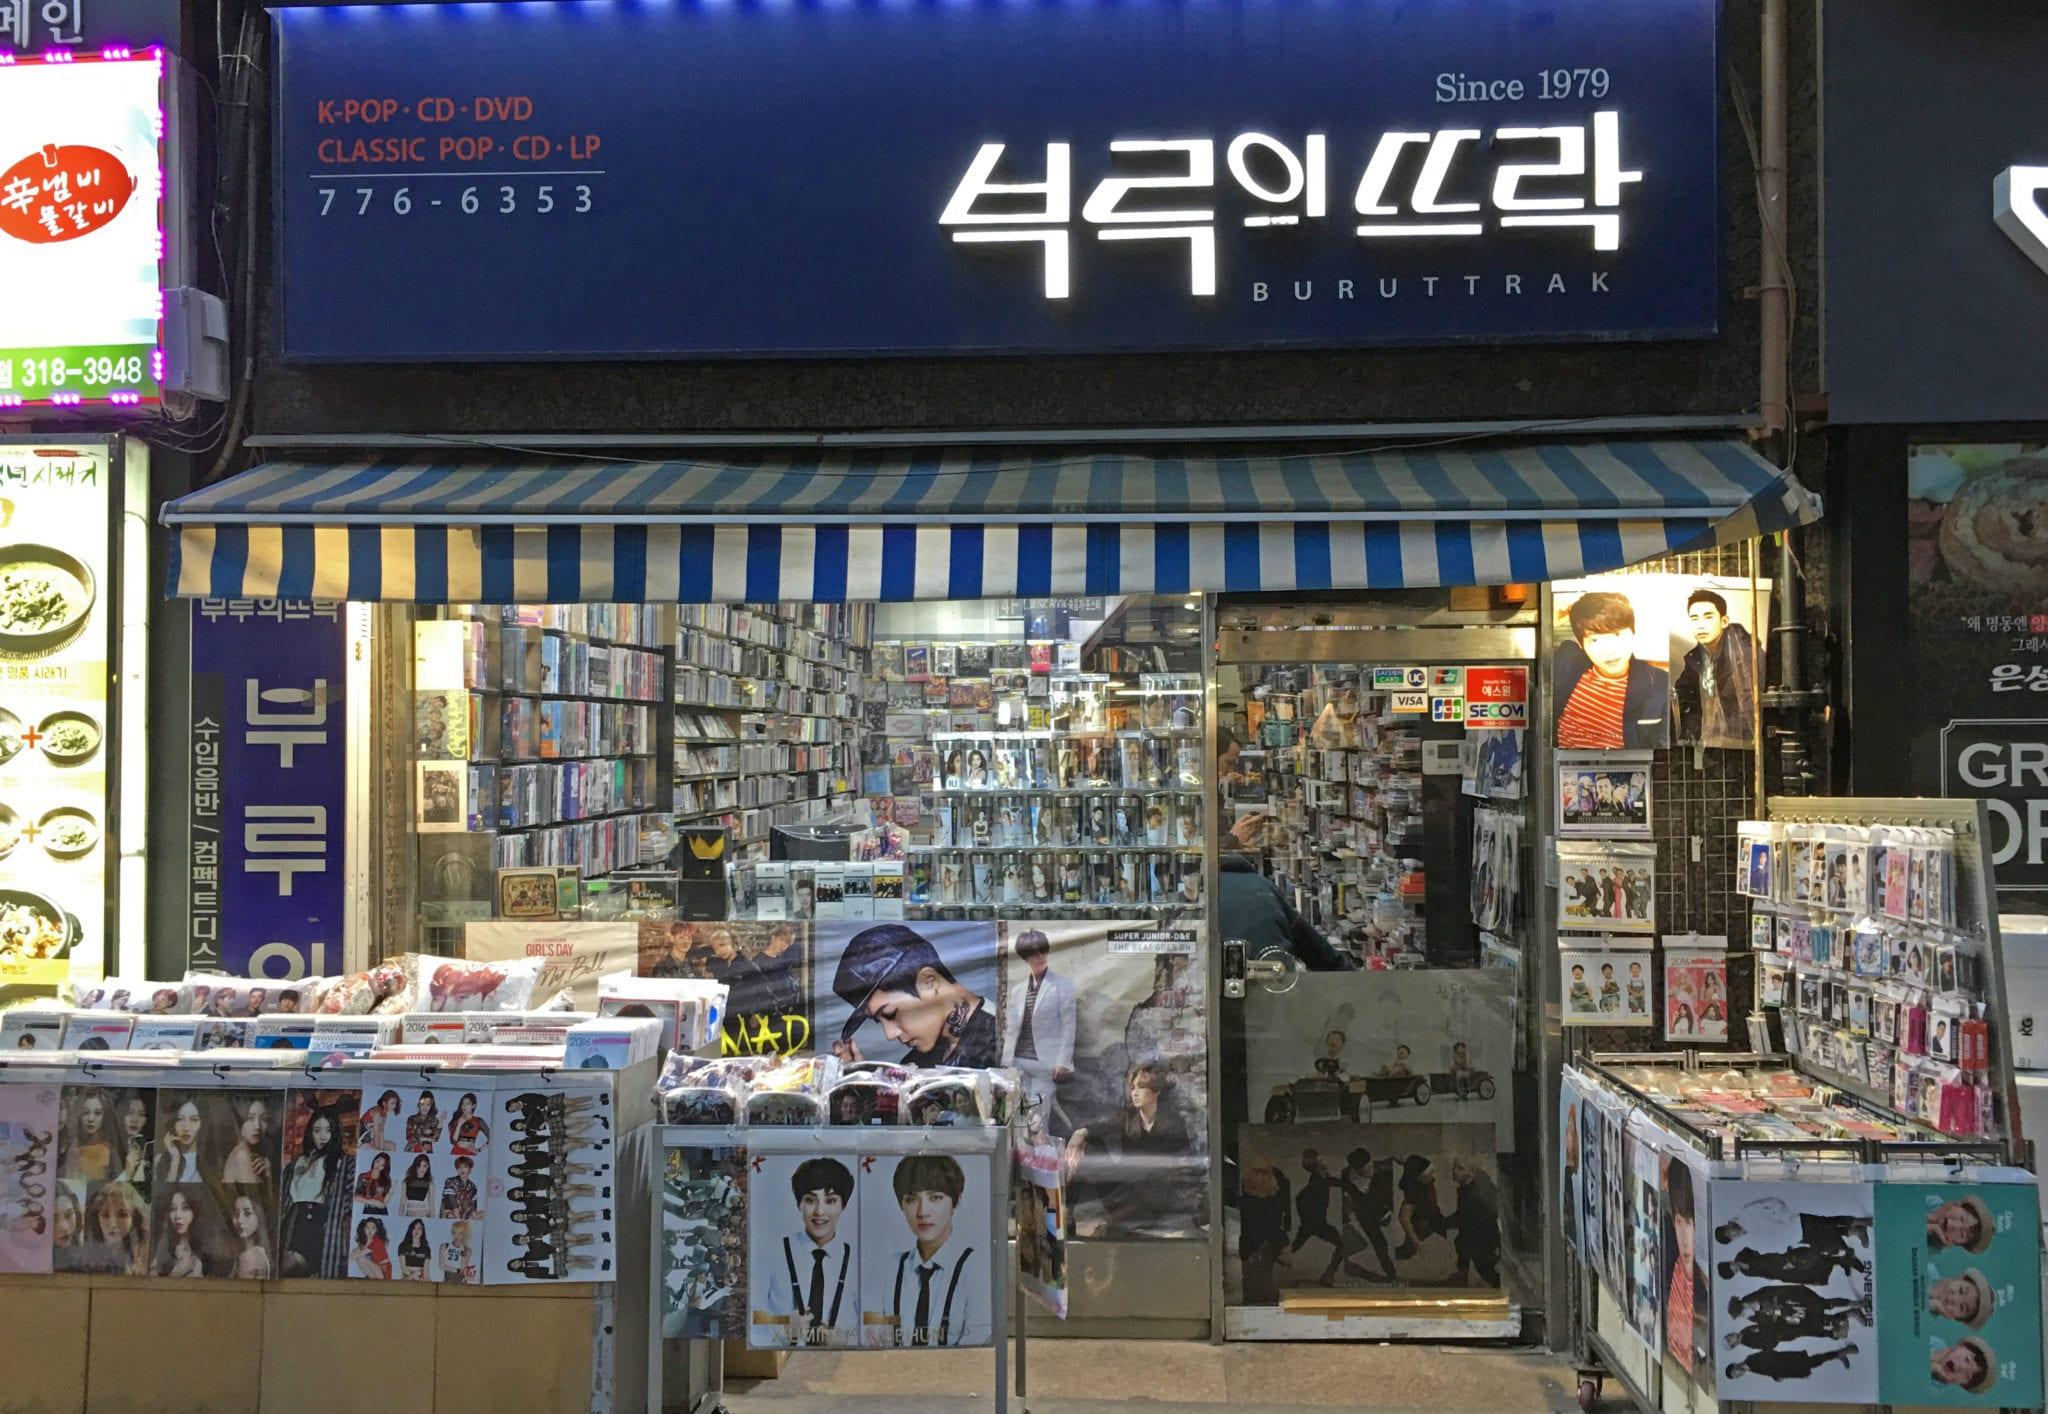 ไปเกาหลีซื้ออะไรดี เที่ยวเกาหลี ที่เที่ยวเกาหลี เที่ยวเกาหลีด้วยตัวเอง